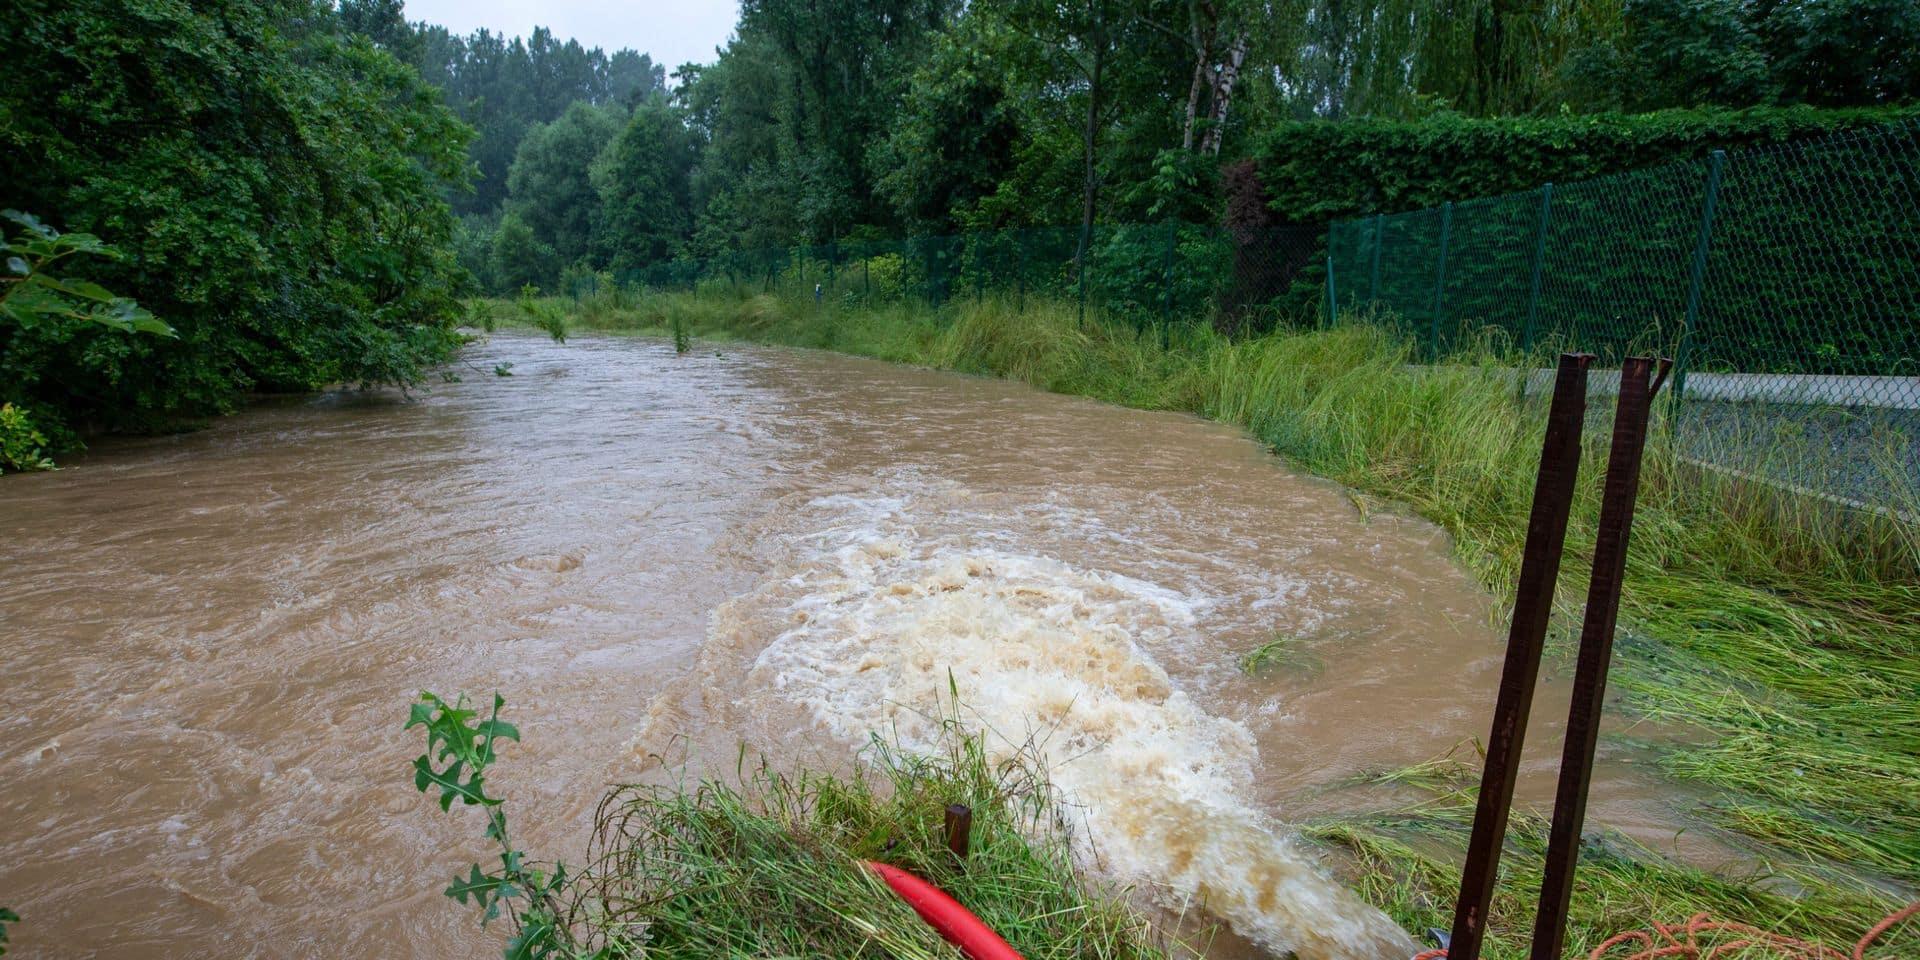 Intempéries: des débordements de cours d'eau et des caves inondées dans l'est du Brabant wallon